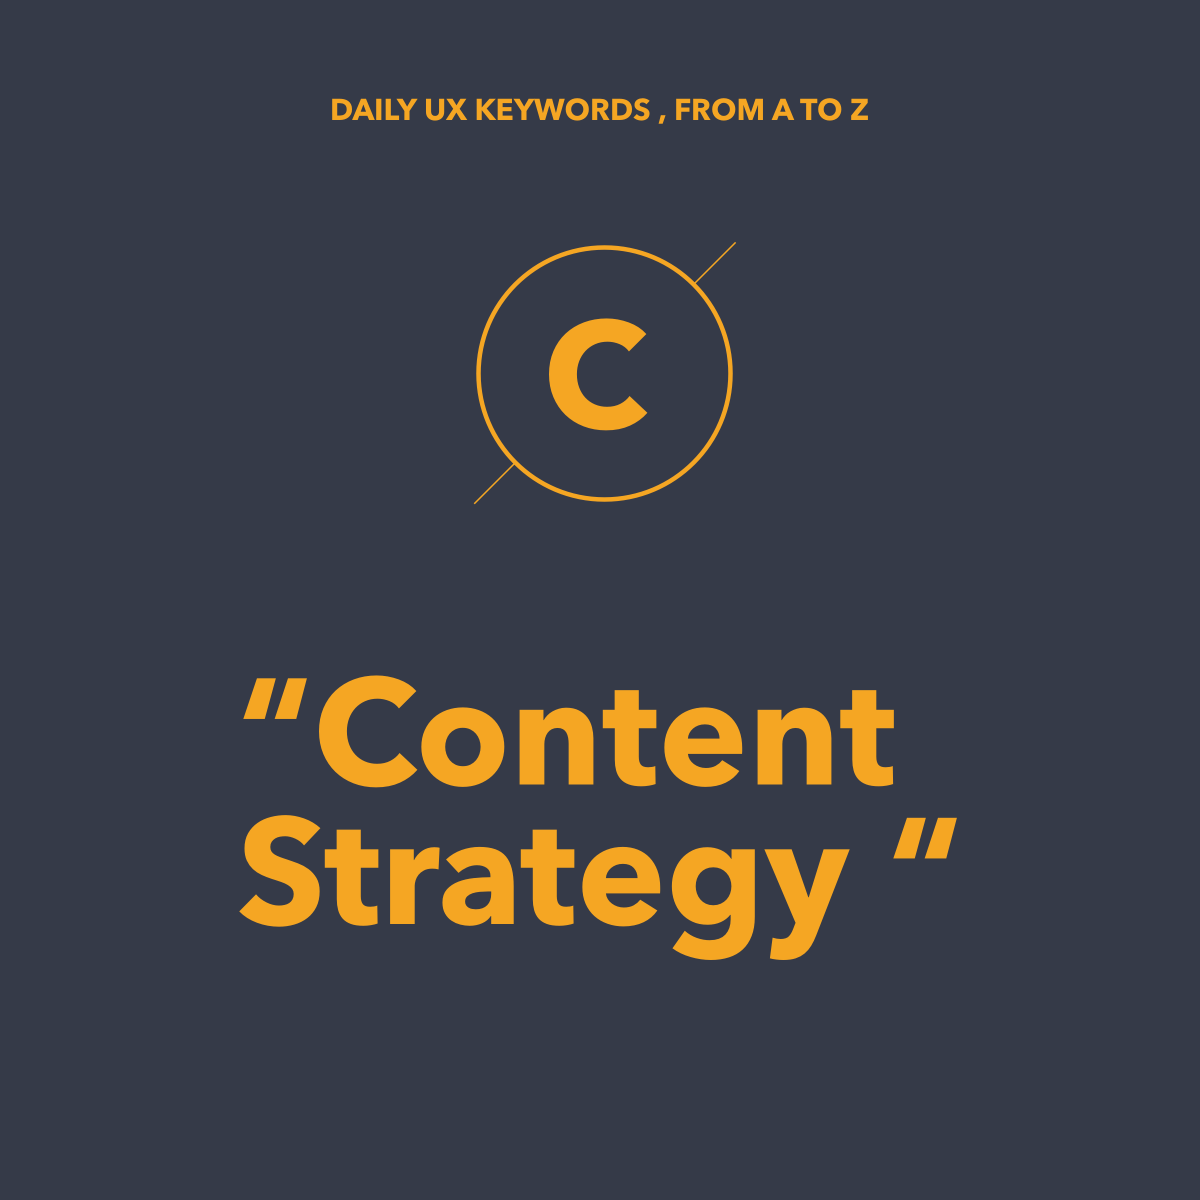 Content Strategy là gì? Tại sao Designer phải biết?